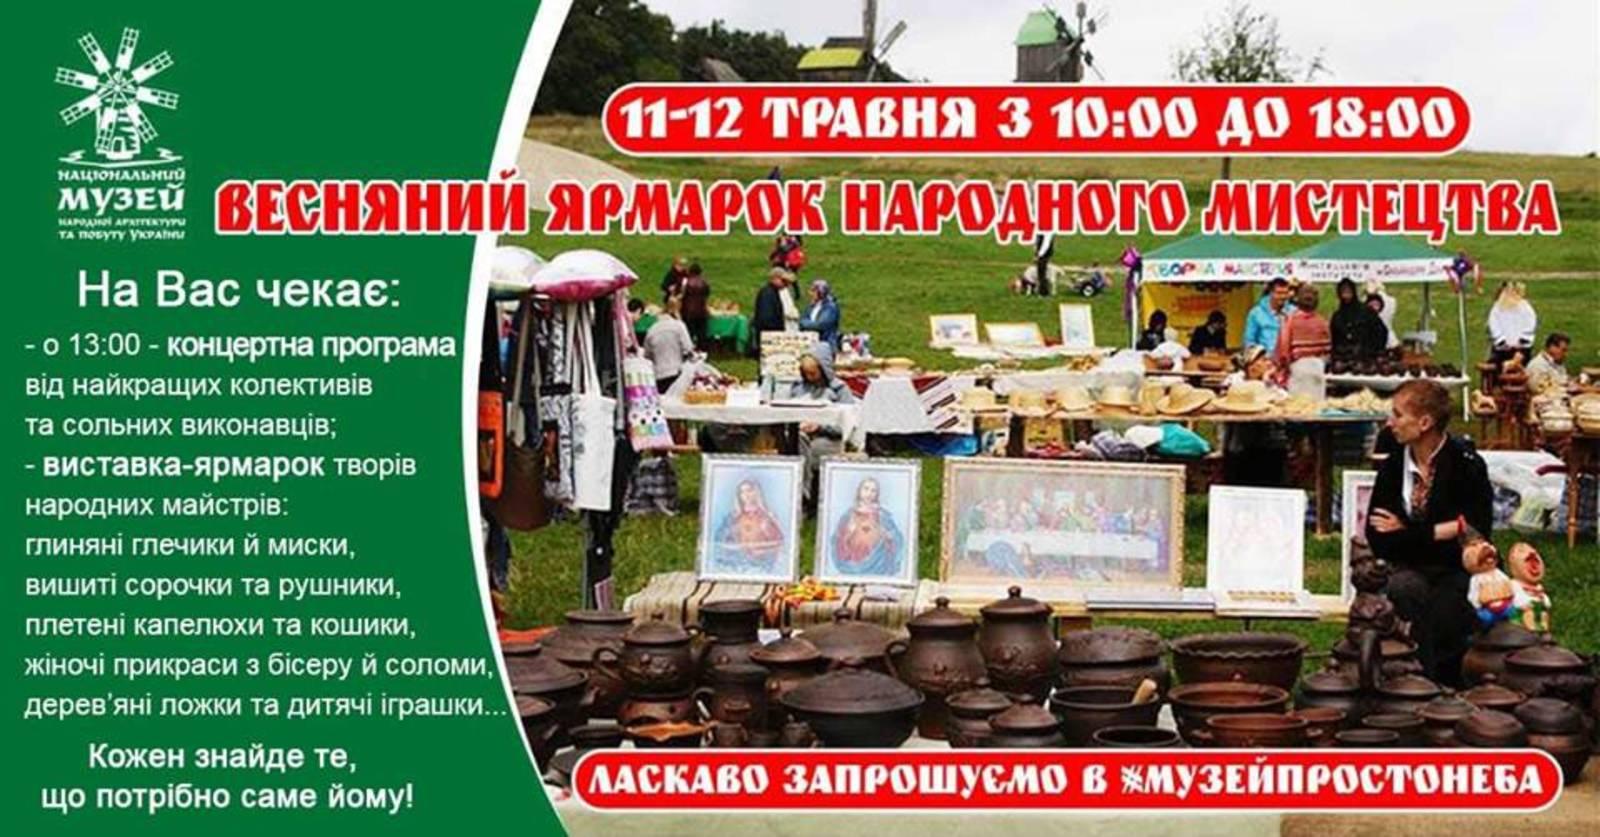 80a938952f86f5 До музею традиційно запрошують найкращих майстрів з усіх куточків України.  Ви познайомитеся з різноманітними народними ремеслами: вишивкою на сорочках  та ...